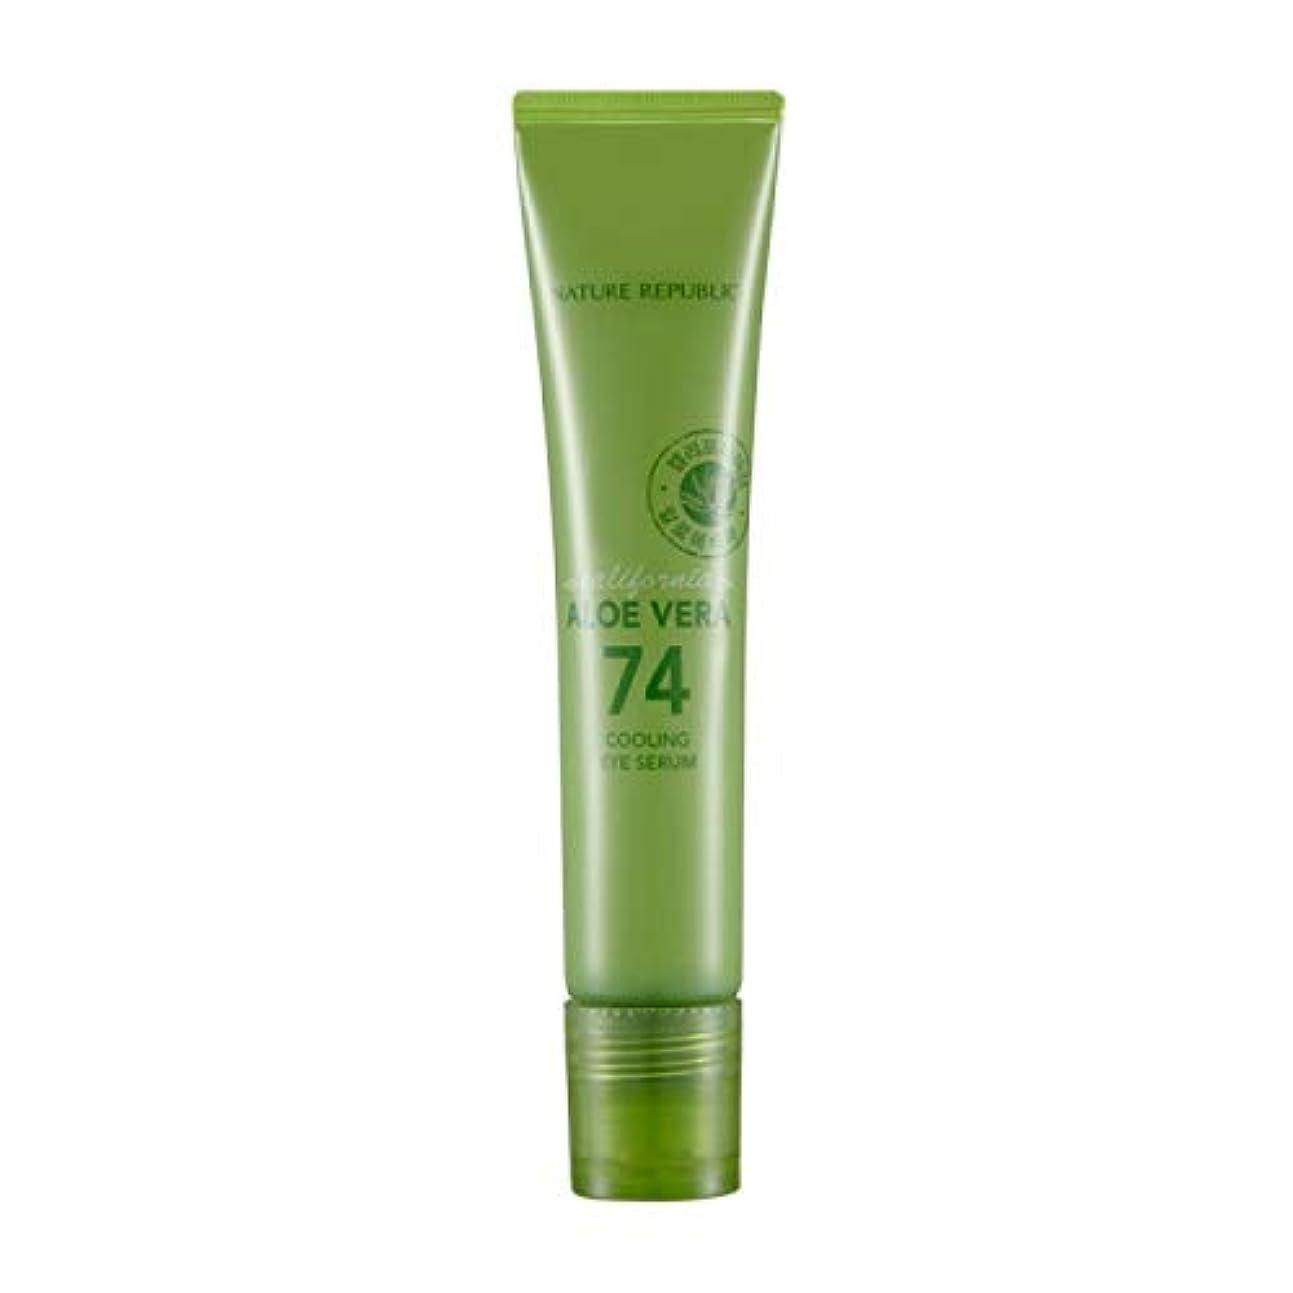 帝国主義エーカーしつけネイチャーリパブリック(Nature Republic)カリフォルニアアロエベラ74%クーリングアイセラム 15ml / California Aloe Vera 74 Cooling Eye Serum 15ml ::...